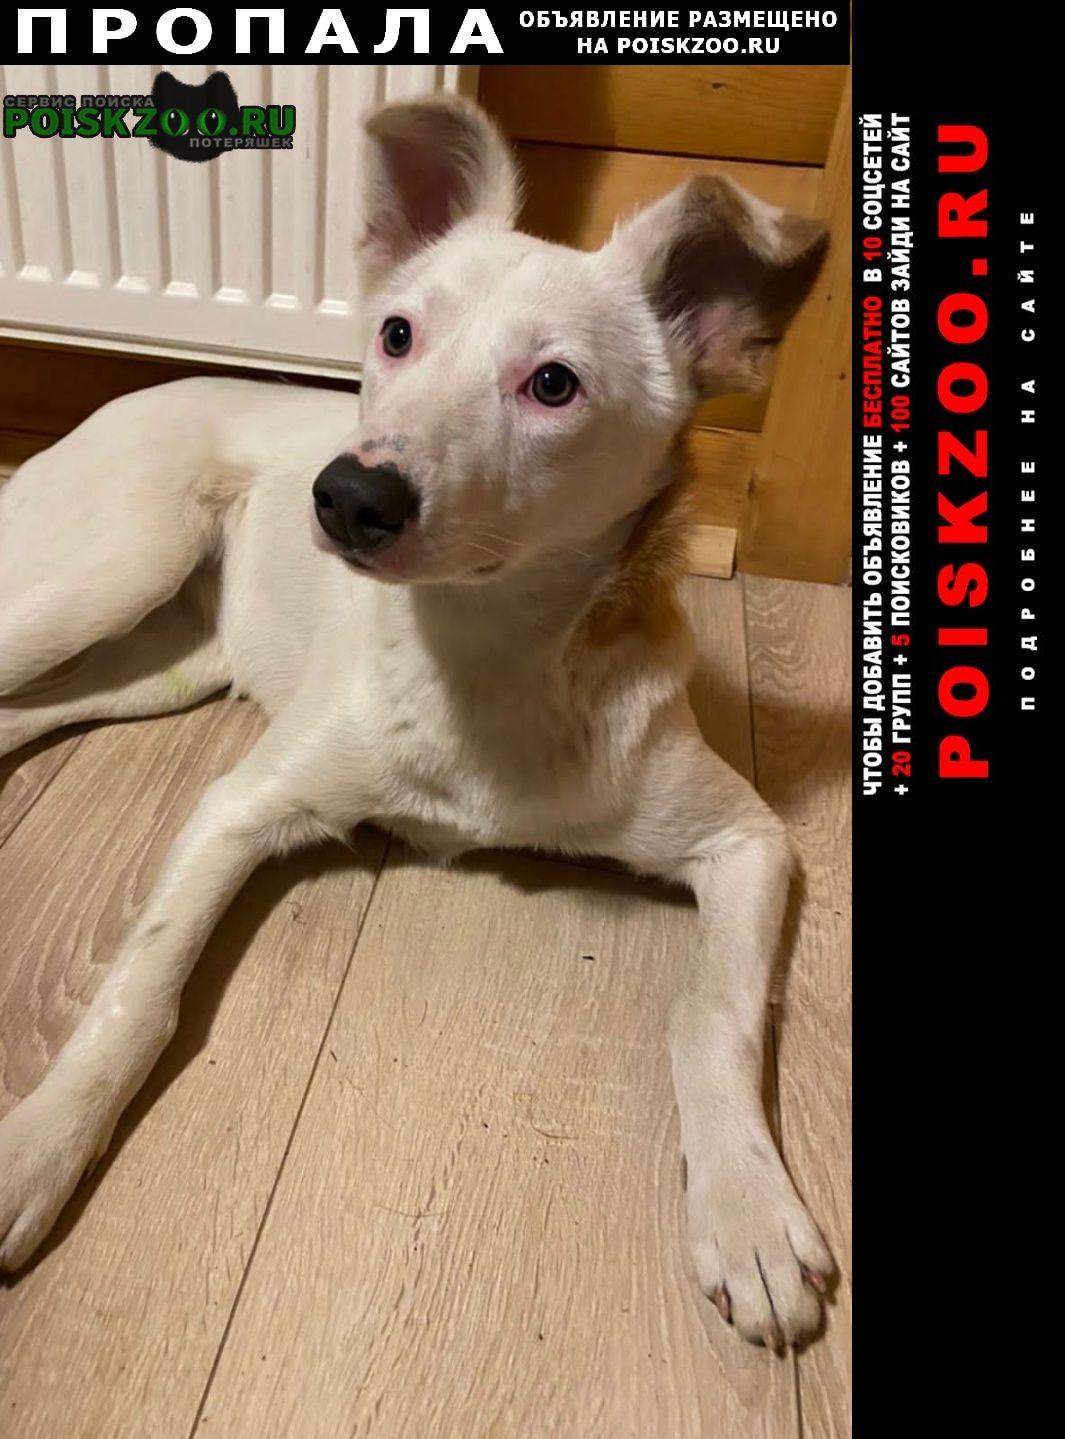 Пропала собака мытищи, пироговский лесопарк Москва